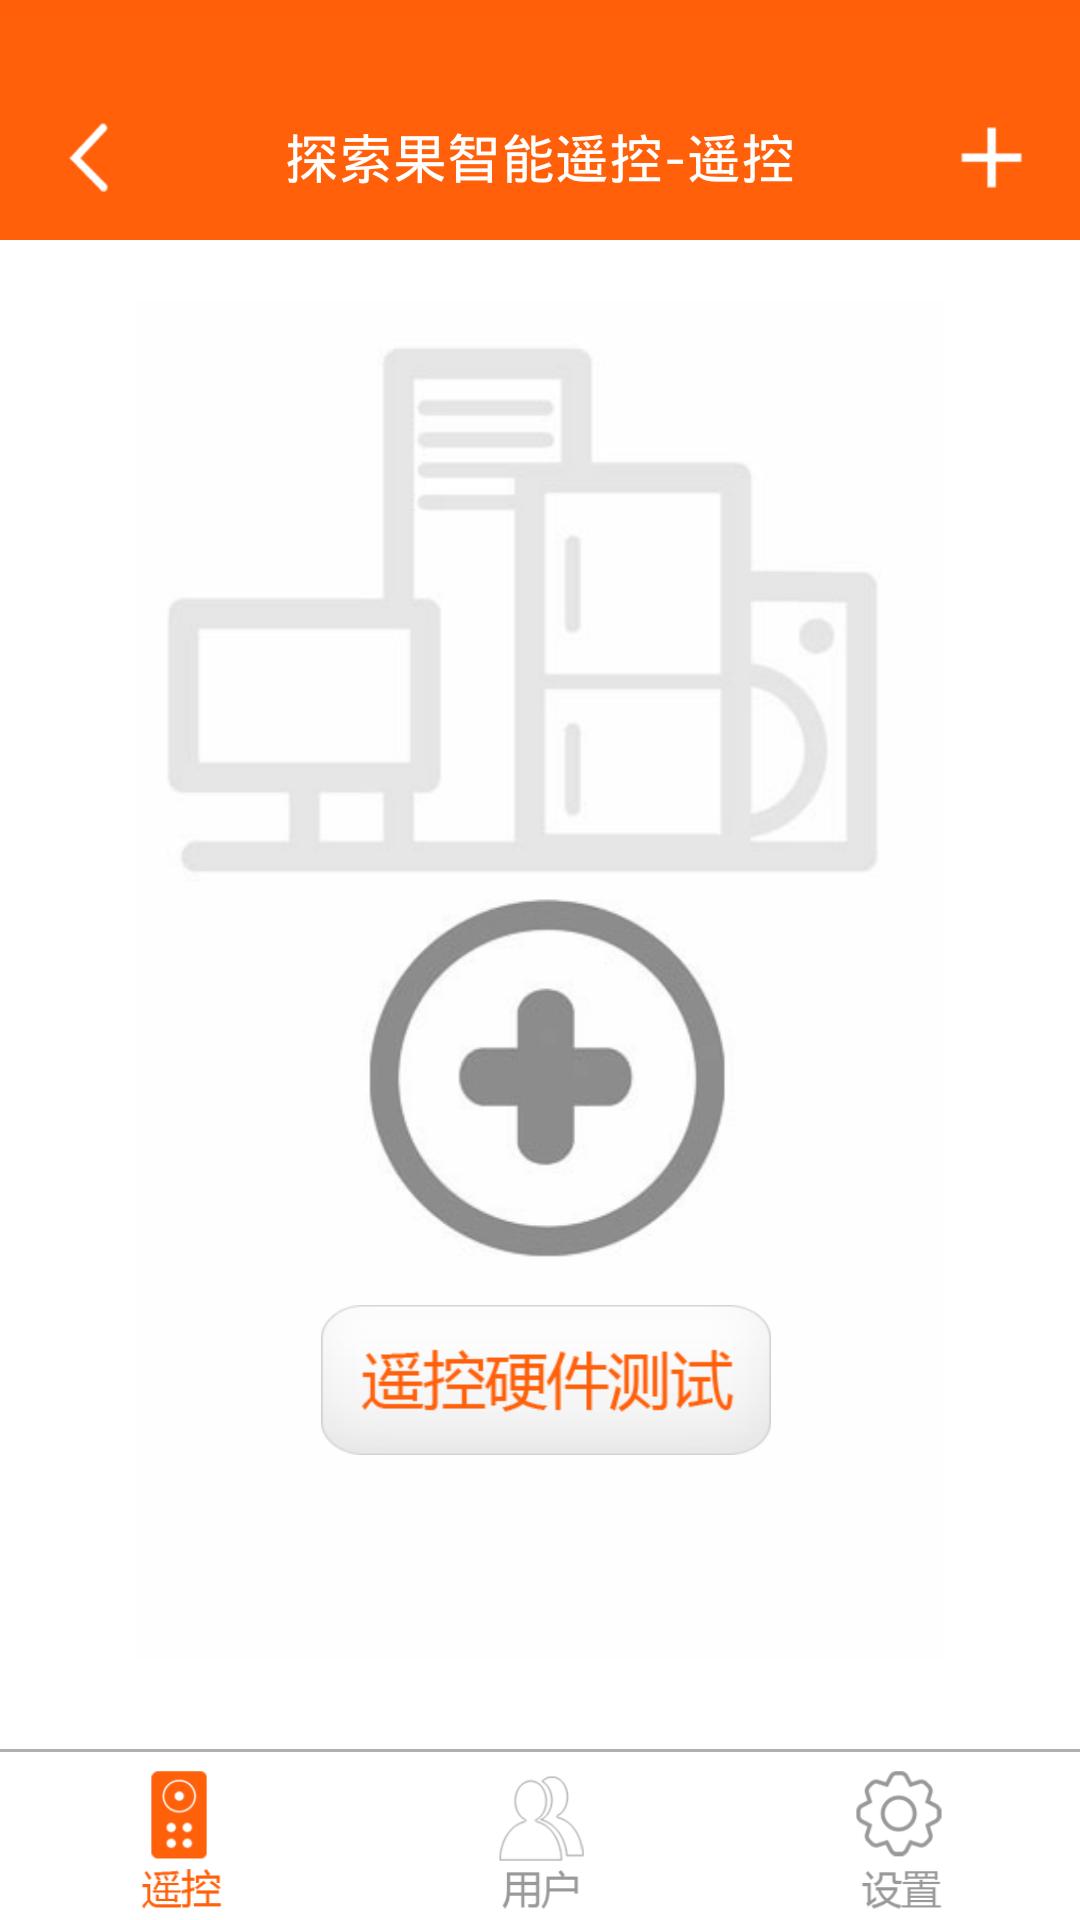 探索果智能遥控软件截图0